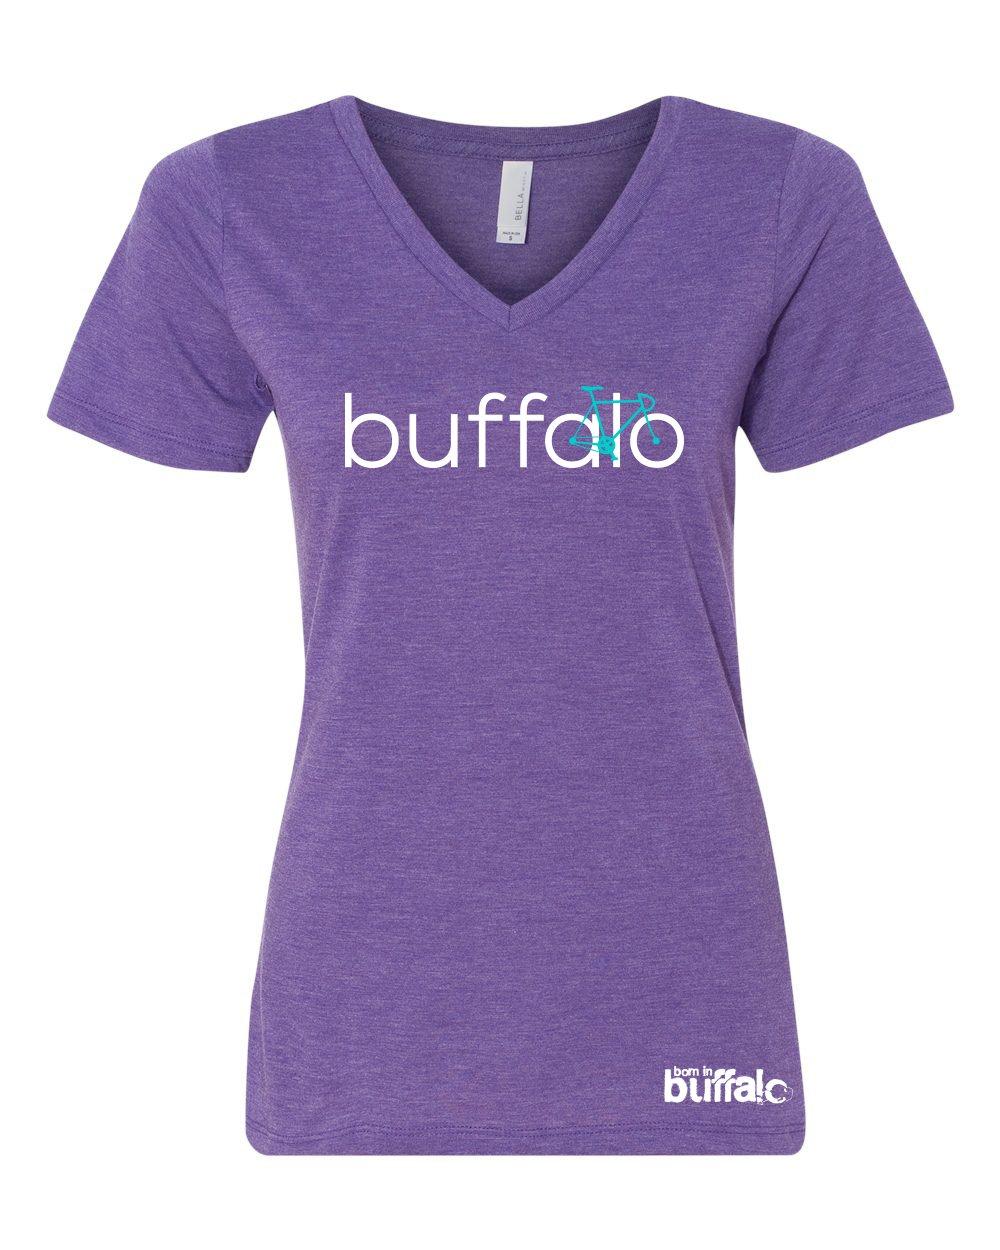 Image of BIKE Buffalo Ladies V-Neck